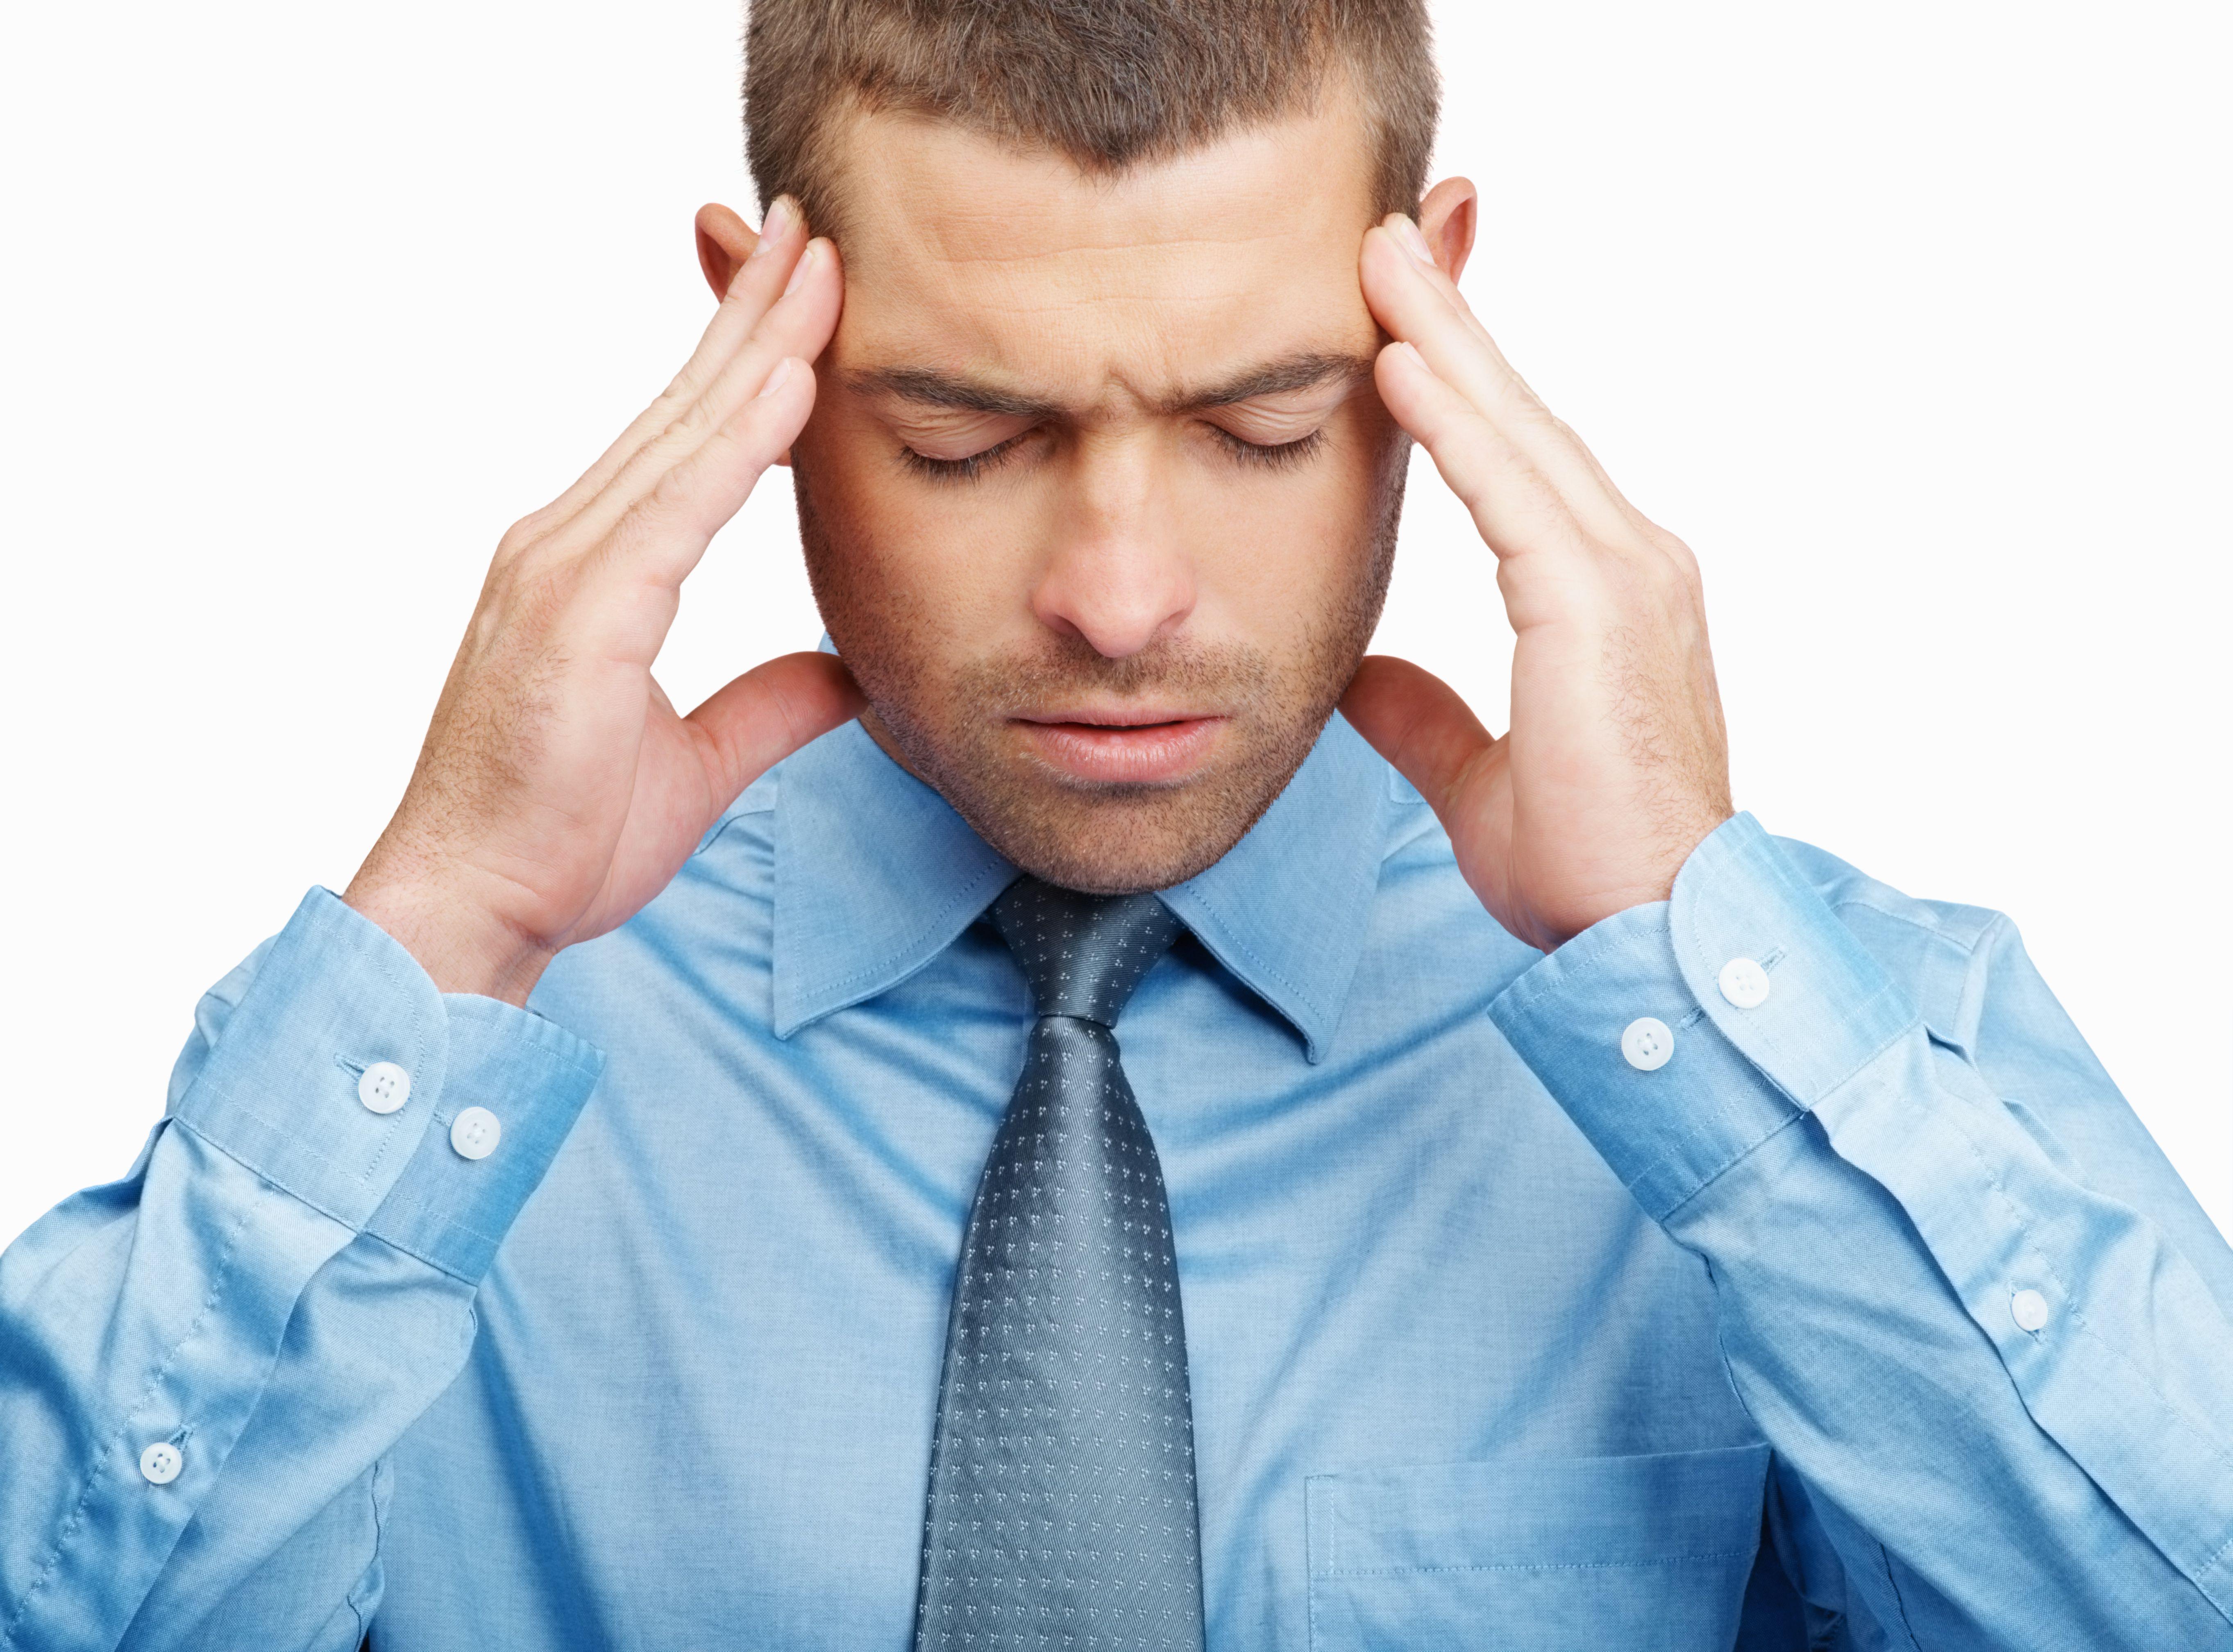 Emicrania: cause, sintomi e cure